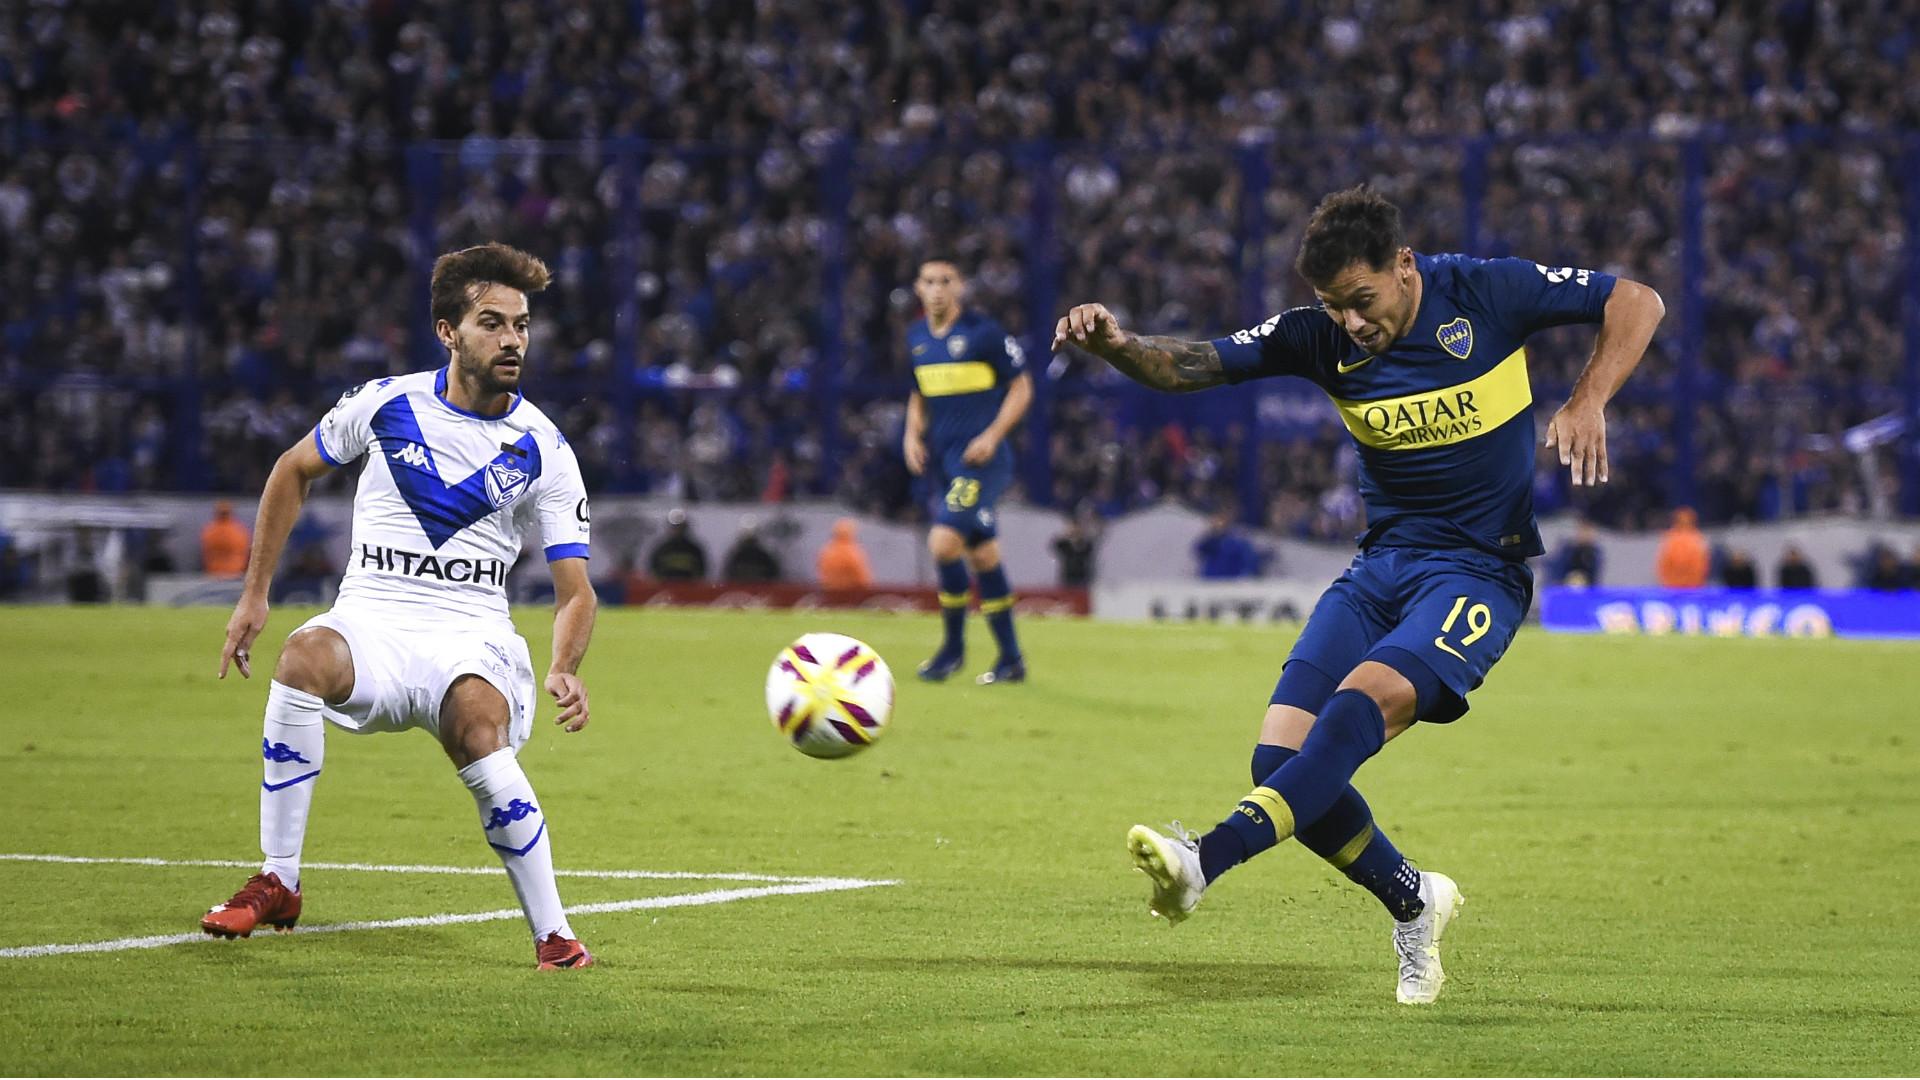 Mauro Zarate Agustin Bouzat Velez Boca Copa Superliga 12052019